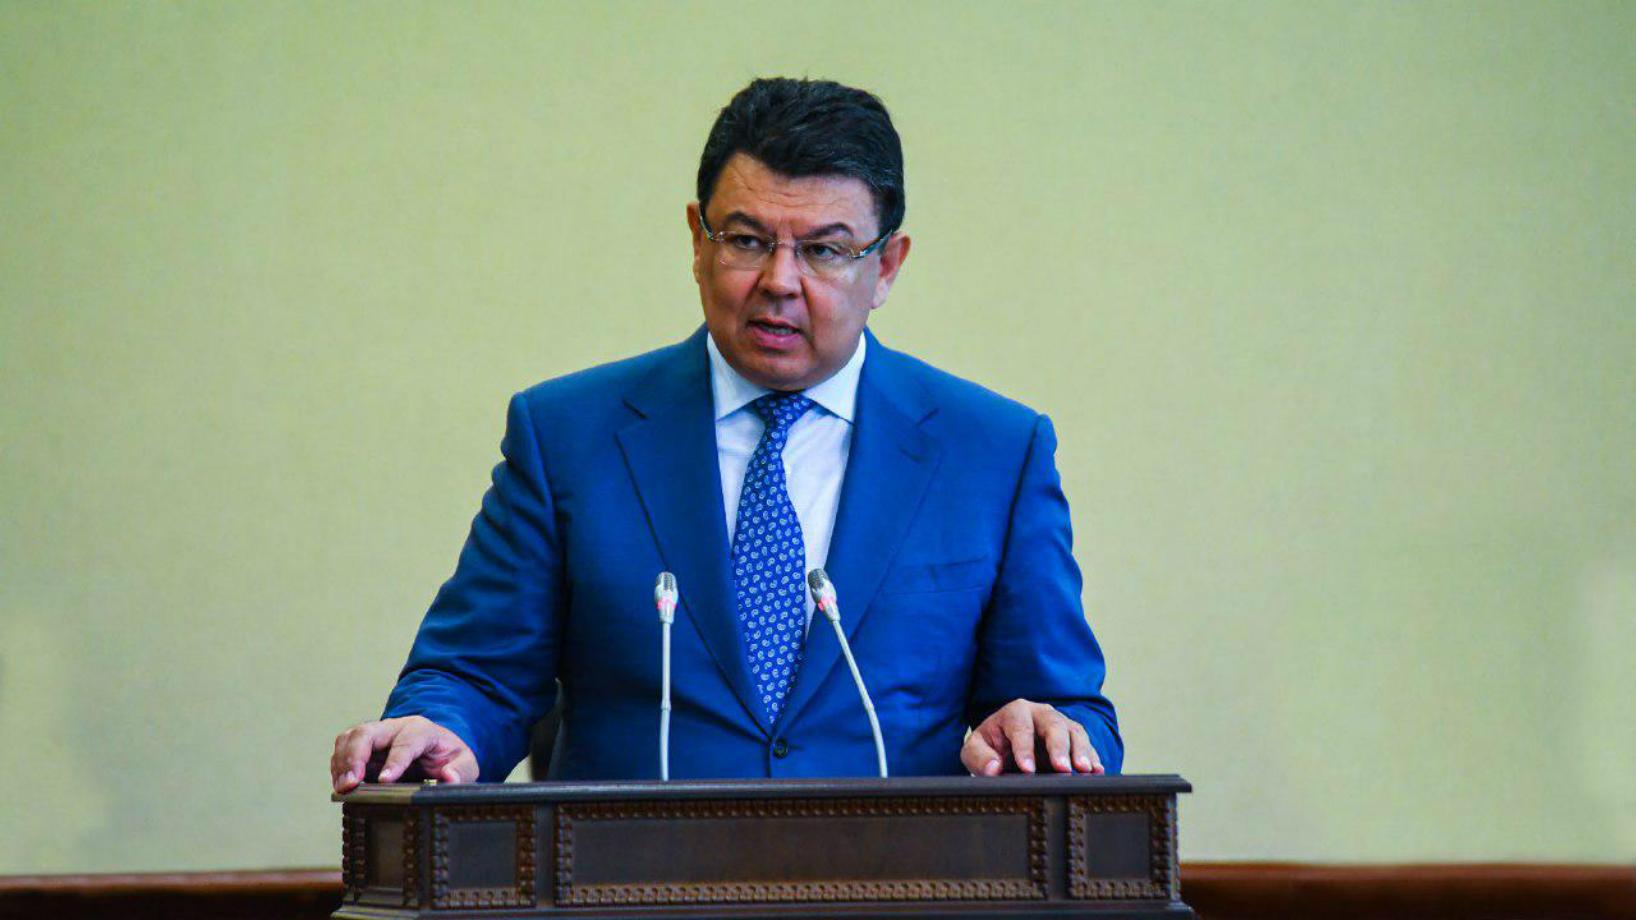 Казахстан продолжит исполнять обязательства ОПЕК+, но нарастит добычу нефти к 2023-2025 годам